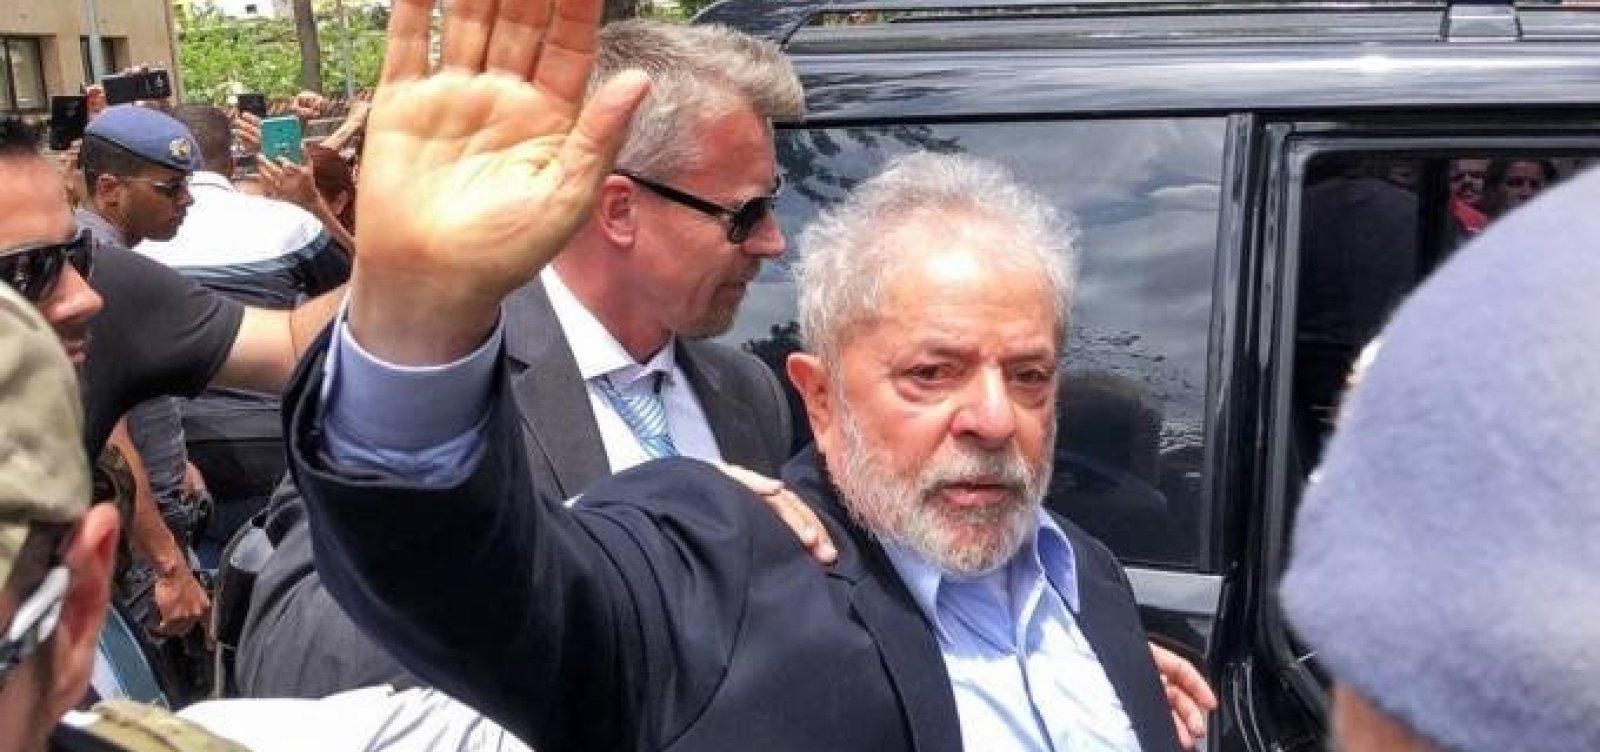 [Confira cinco perguntas e respostas sobre a situação de Lula]